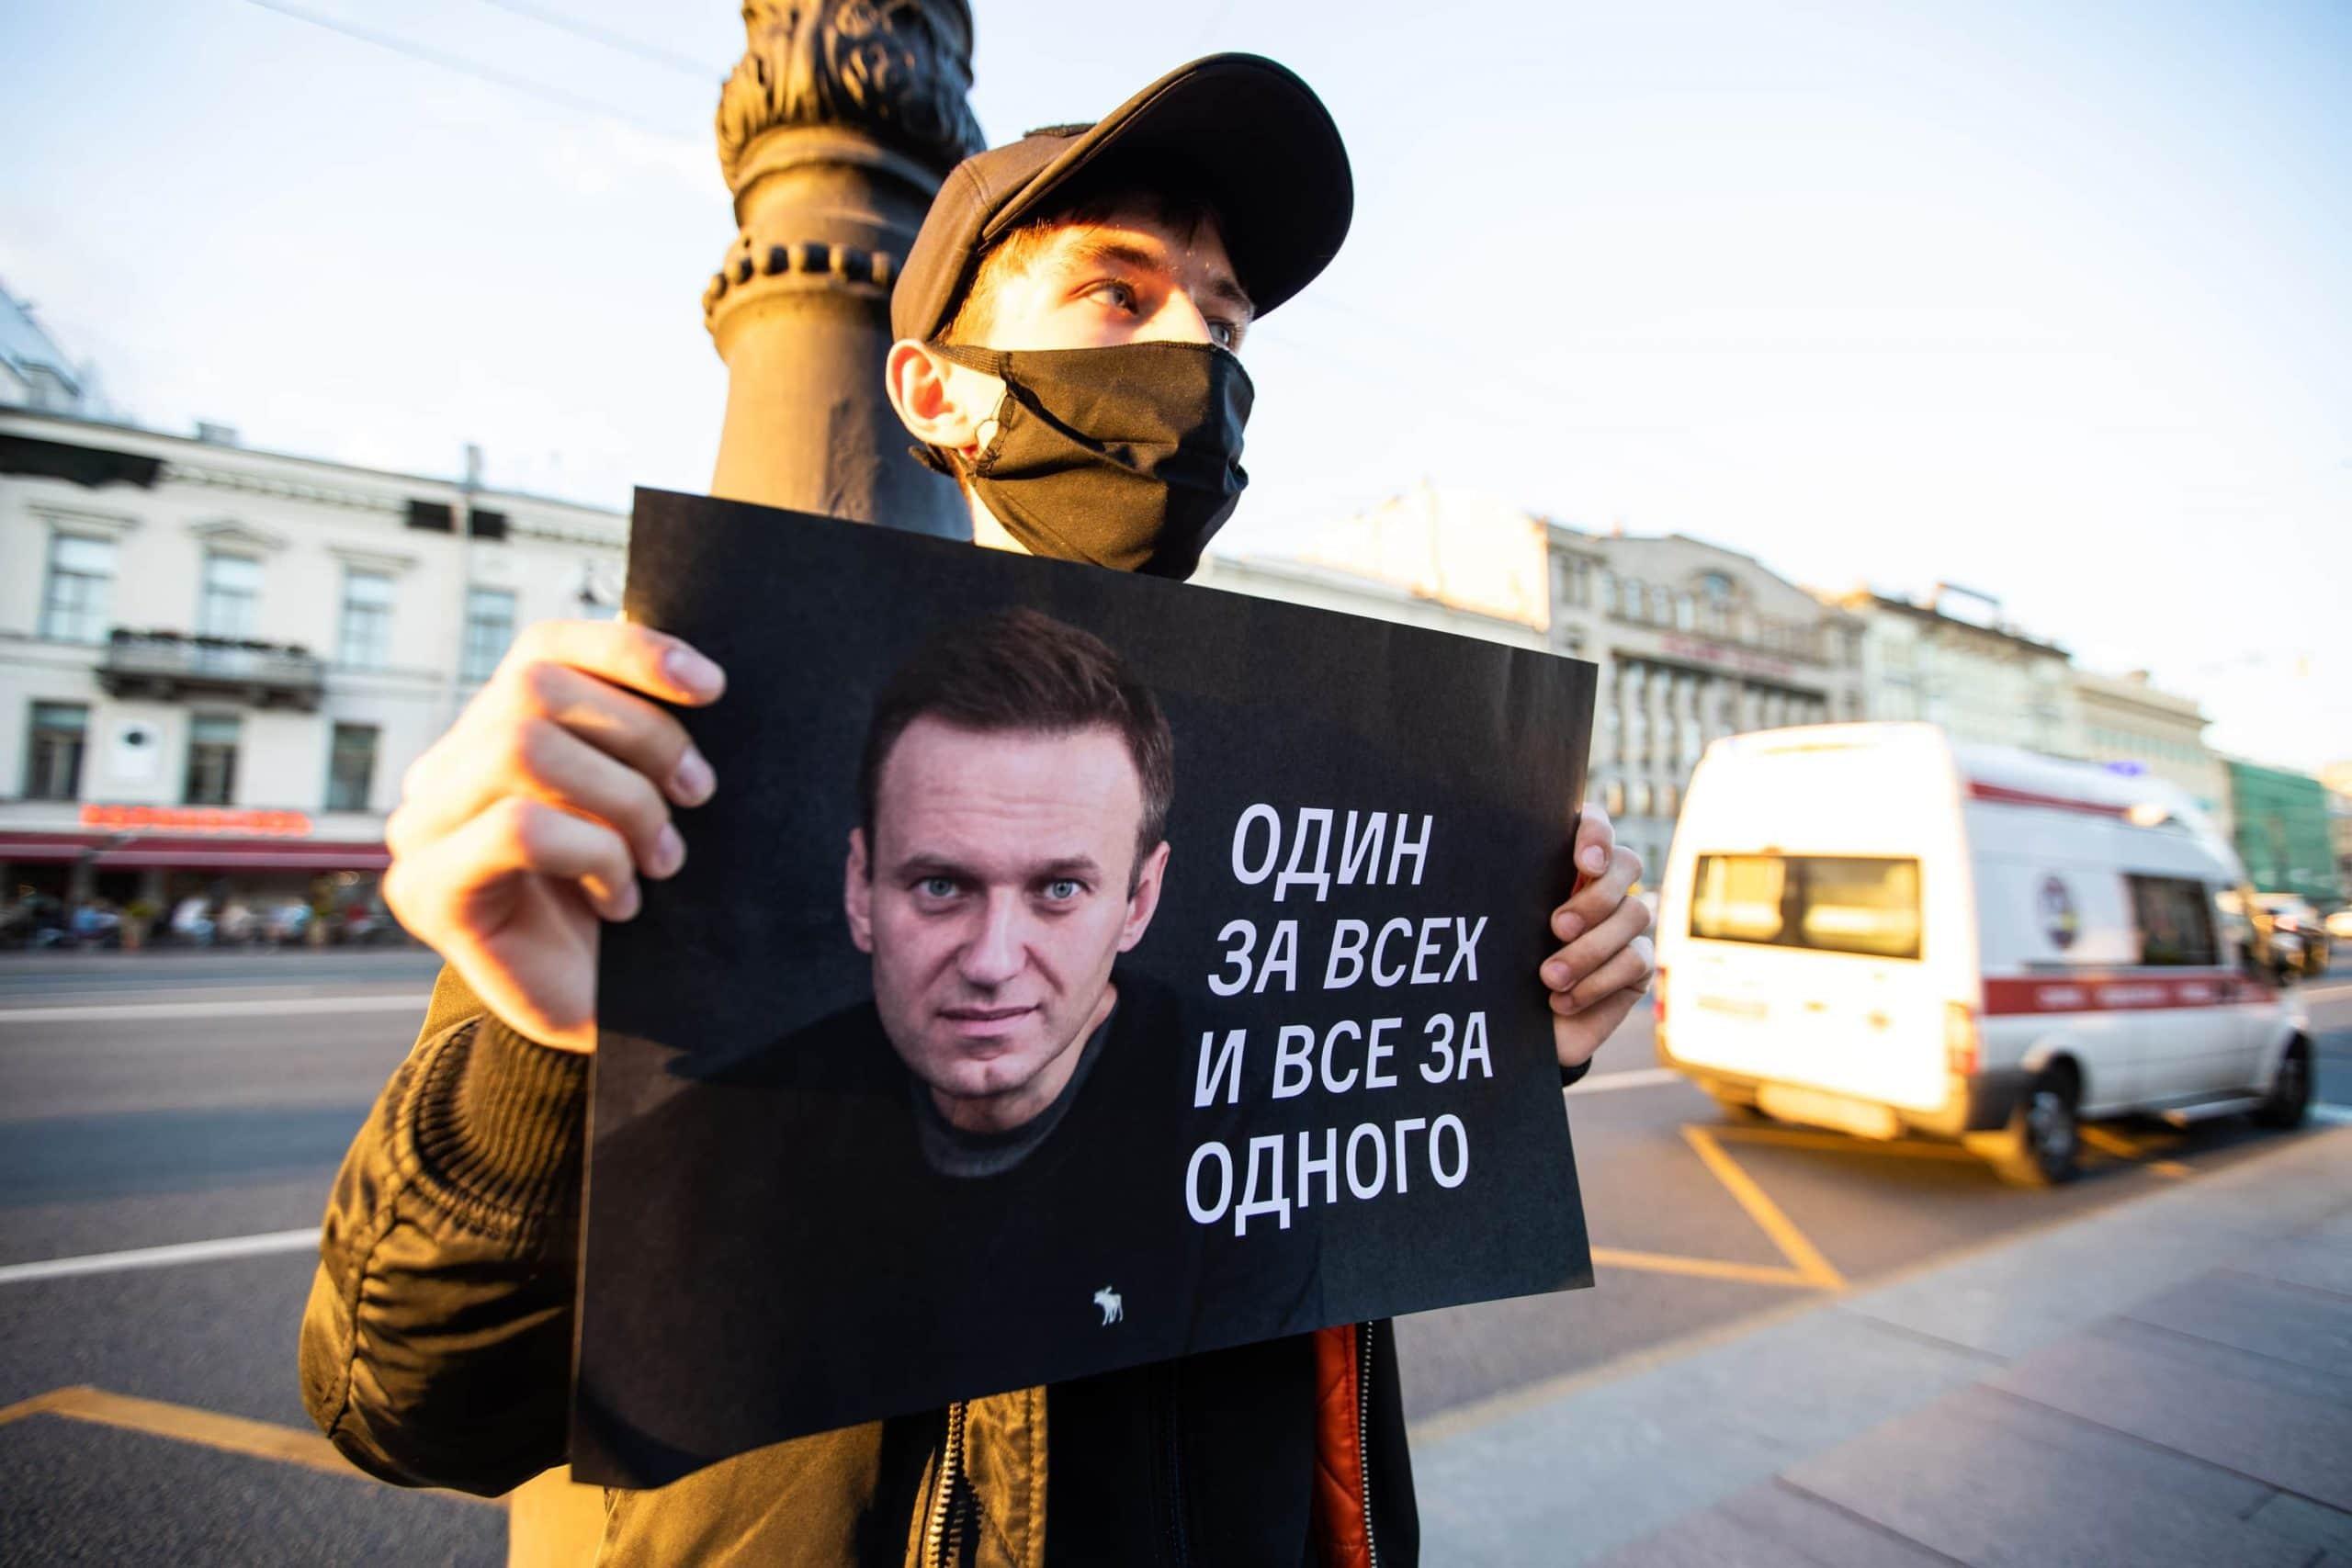 Nawalny-Protestant hält ein Protestschild hoch auf dem Nawalnys Gesicht zu sehen ist. Daneben steht der Spruch: